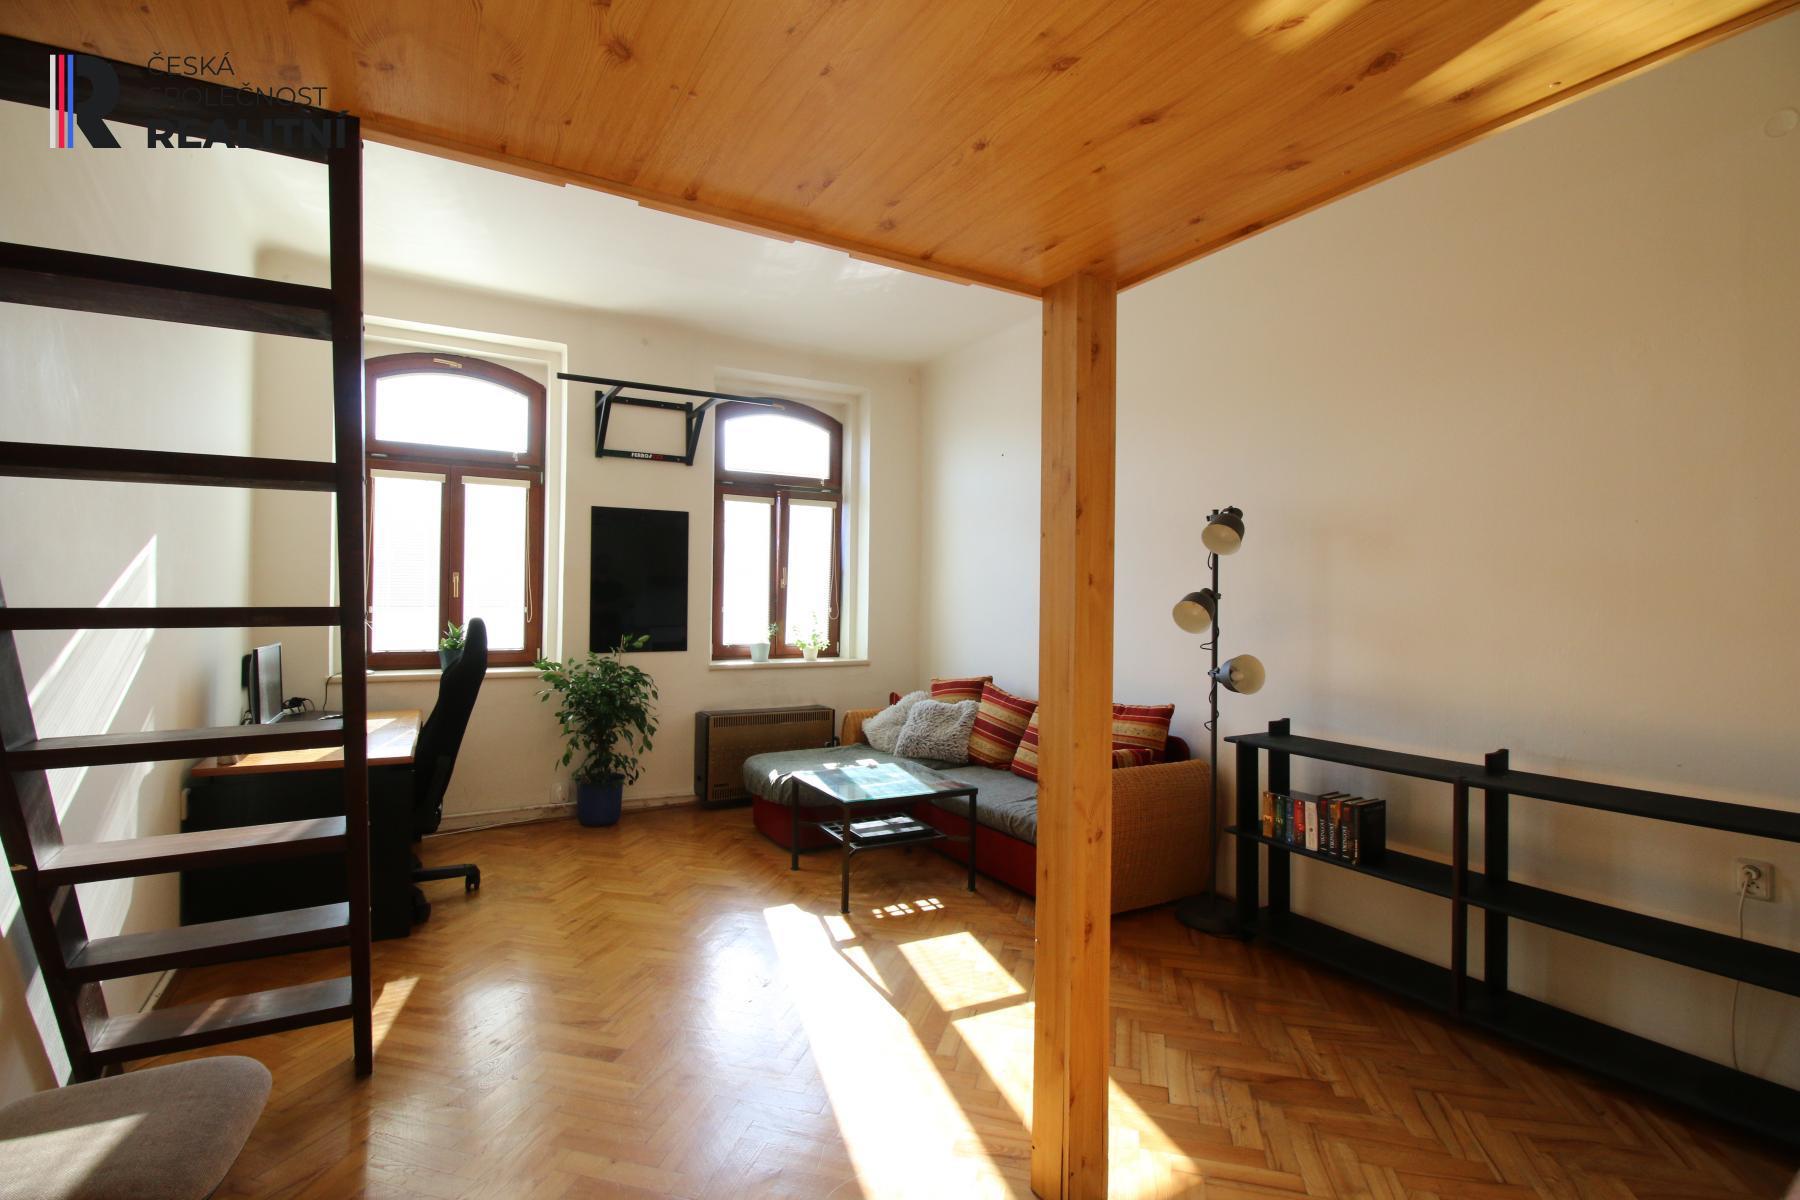 Byt 1+KK, Jugoslávská, Brno, v blízkosti centra, investiční příležitost